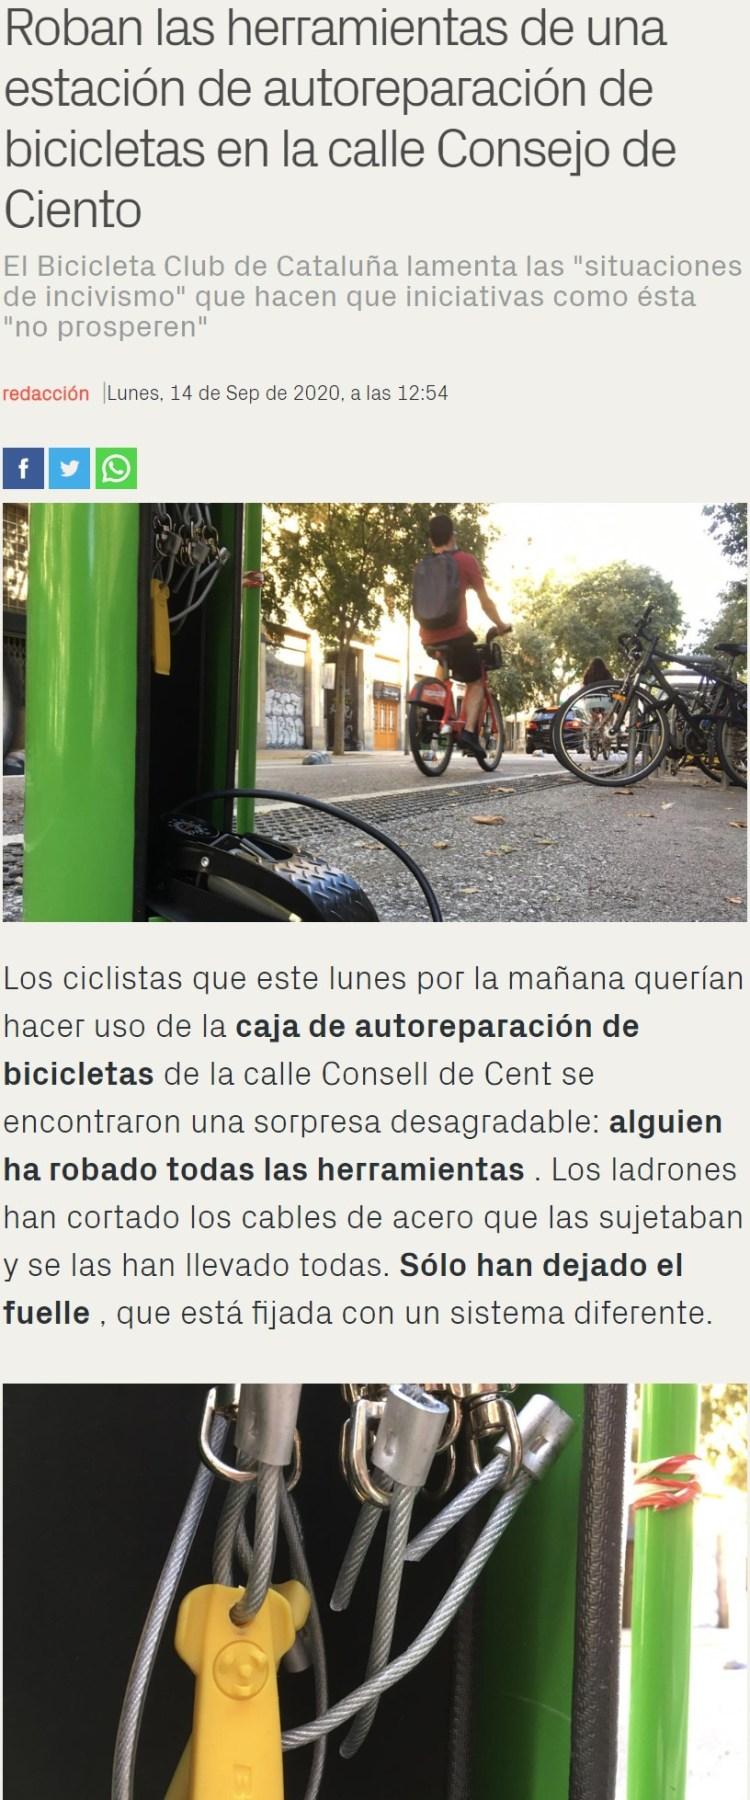 Instalan una estación de autoreparación de bicis en Barcelona, lo que sucedió a continuación... no te sorprenderá